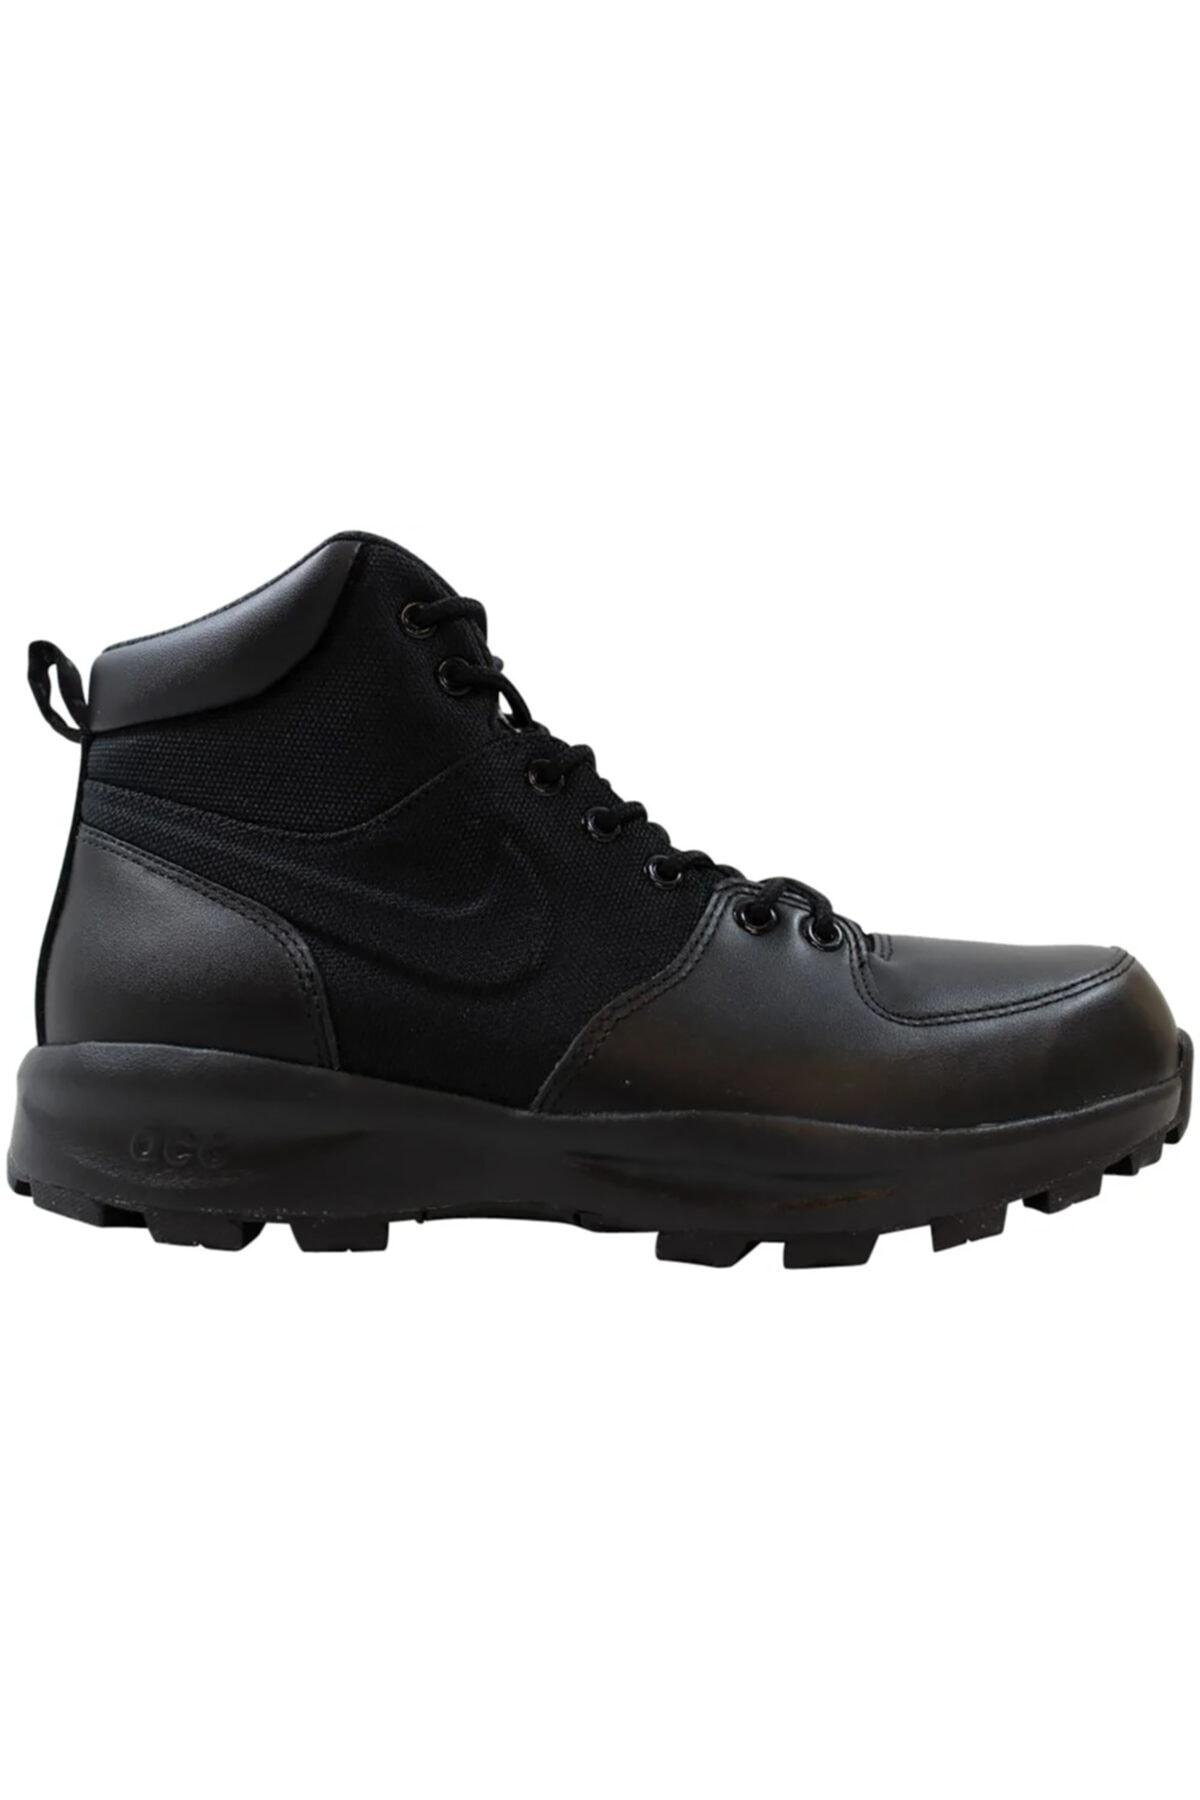 Erkek Siyah Manoa Leather Bot 456975-001